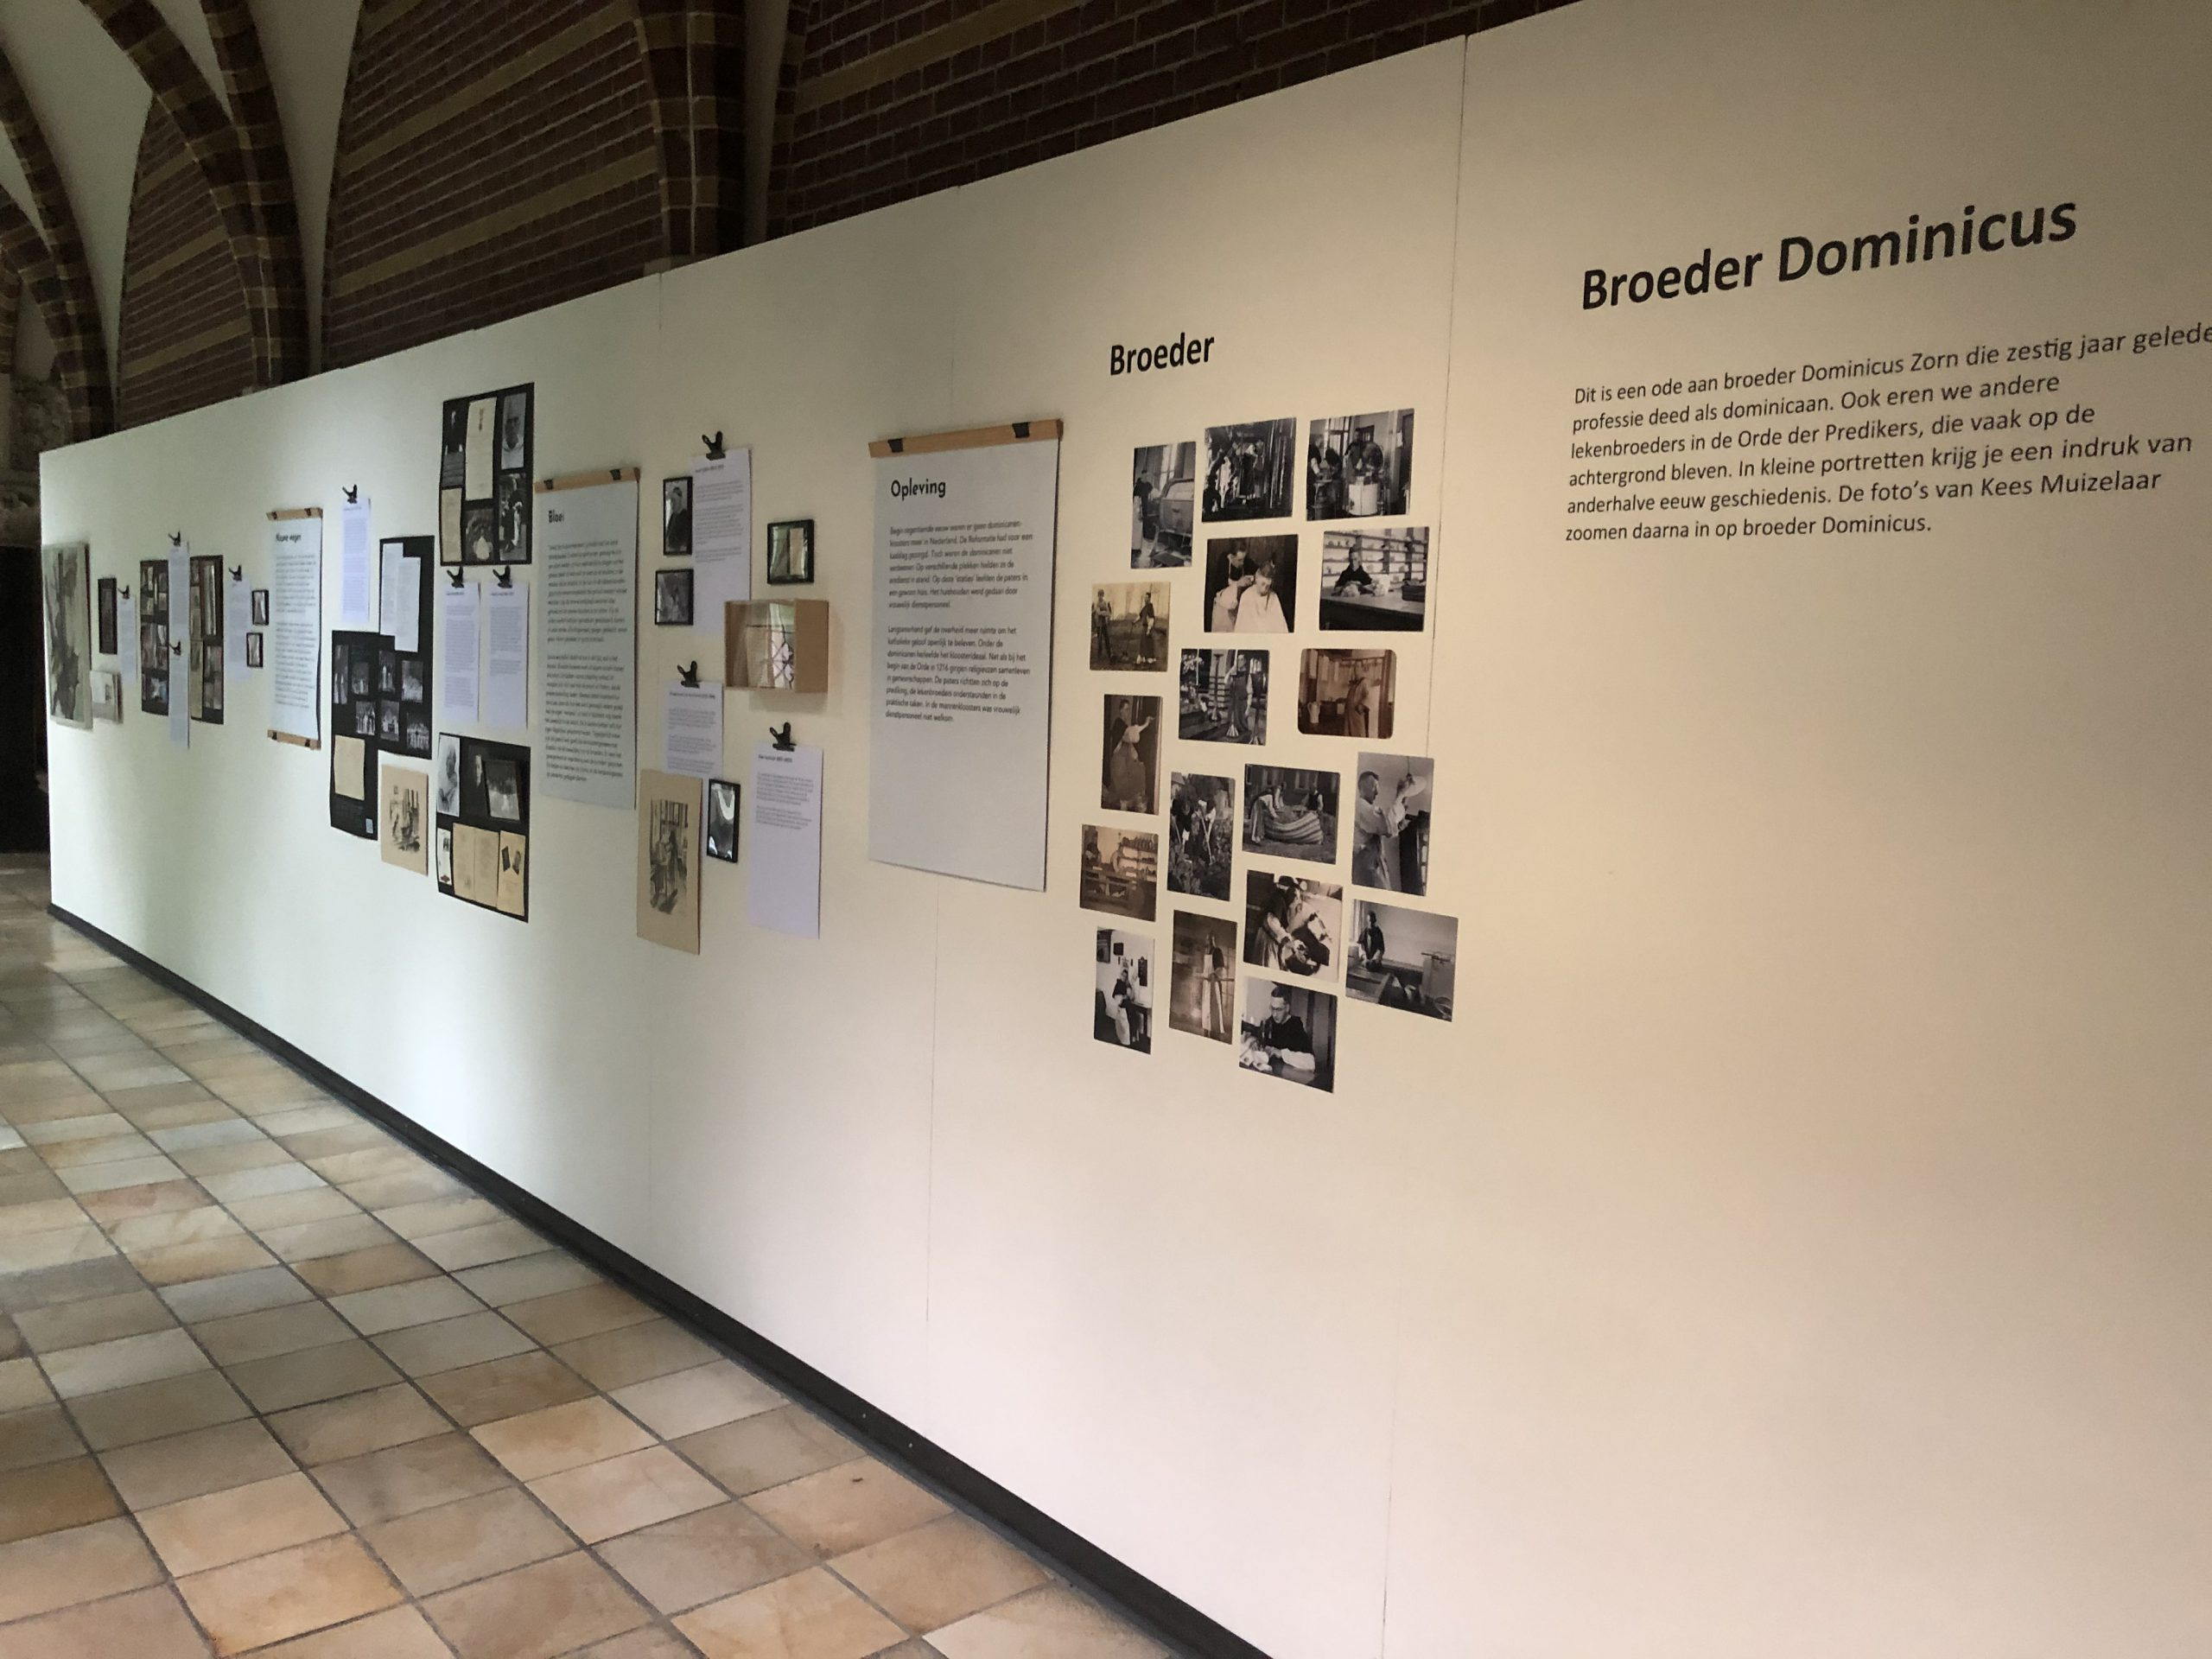 expo broeder dominicus zorn